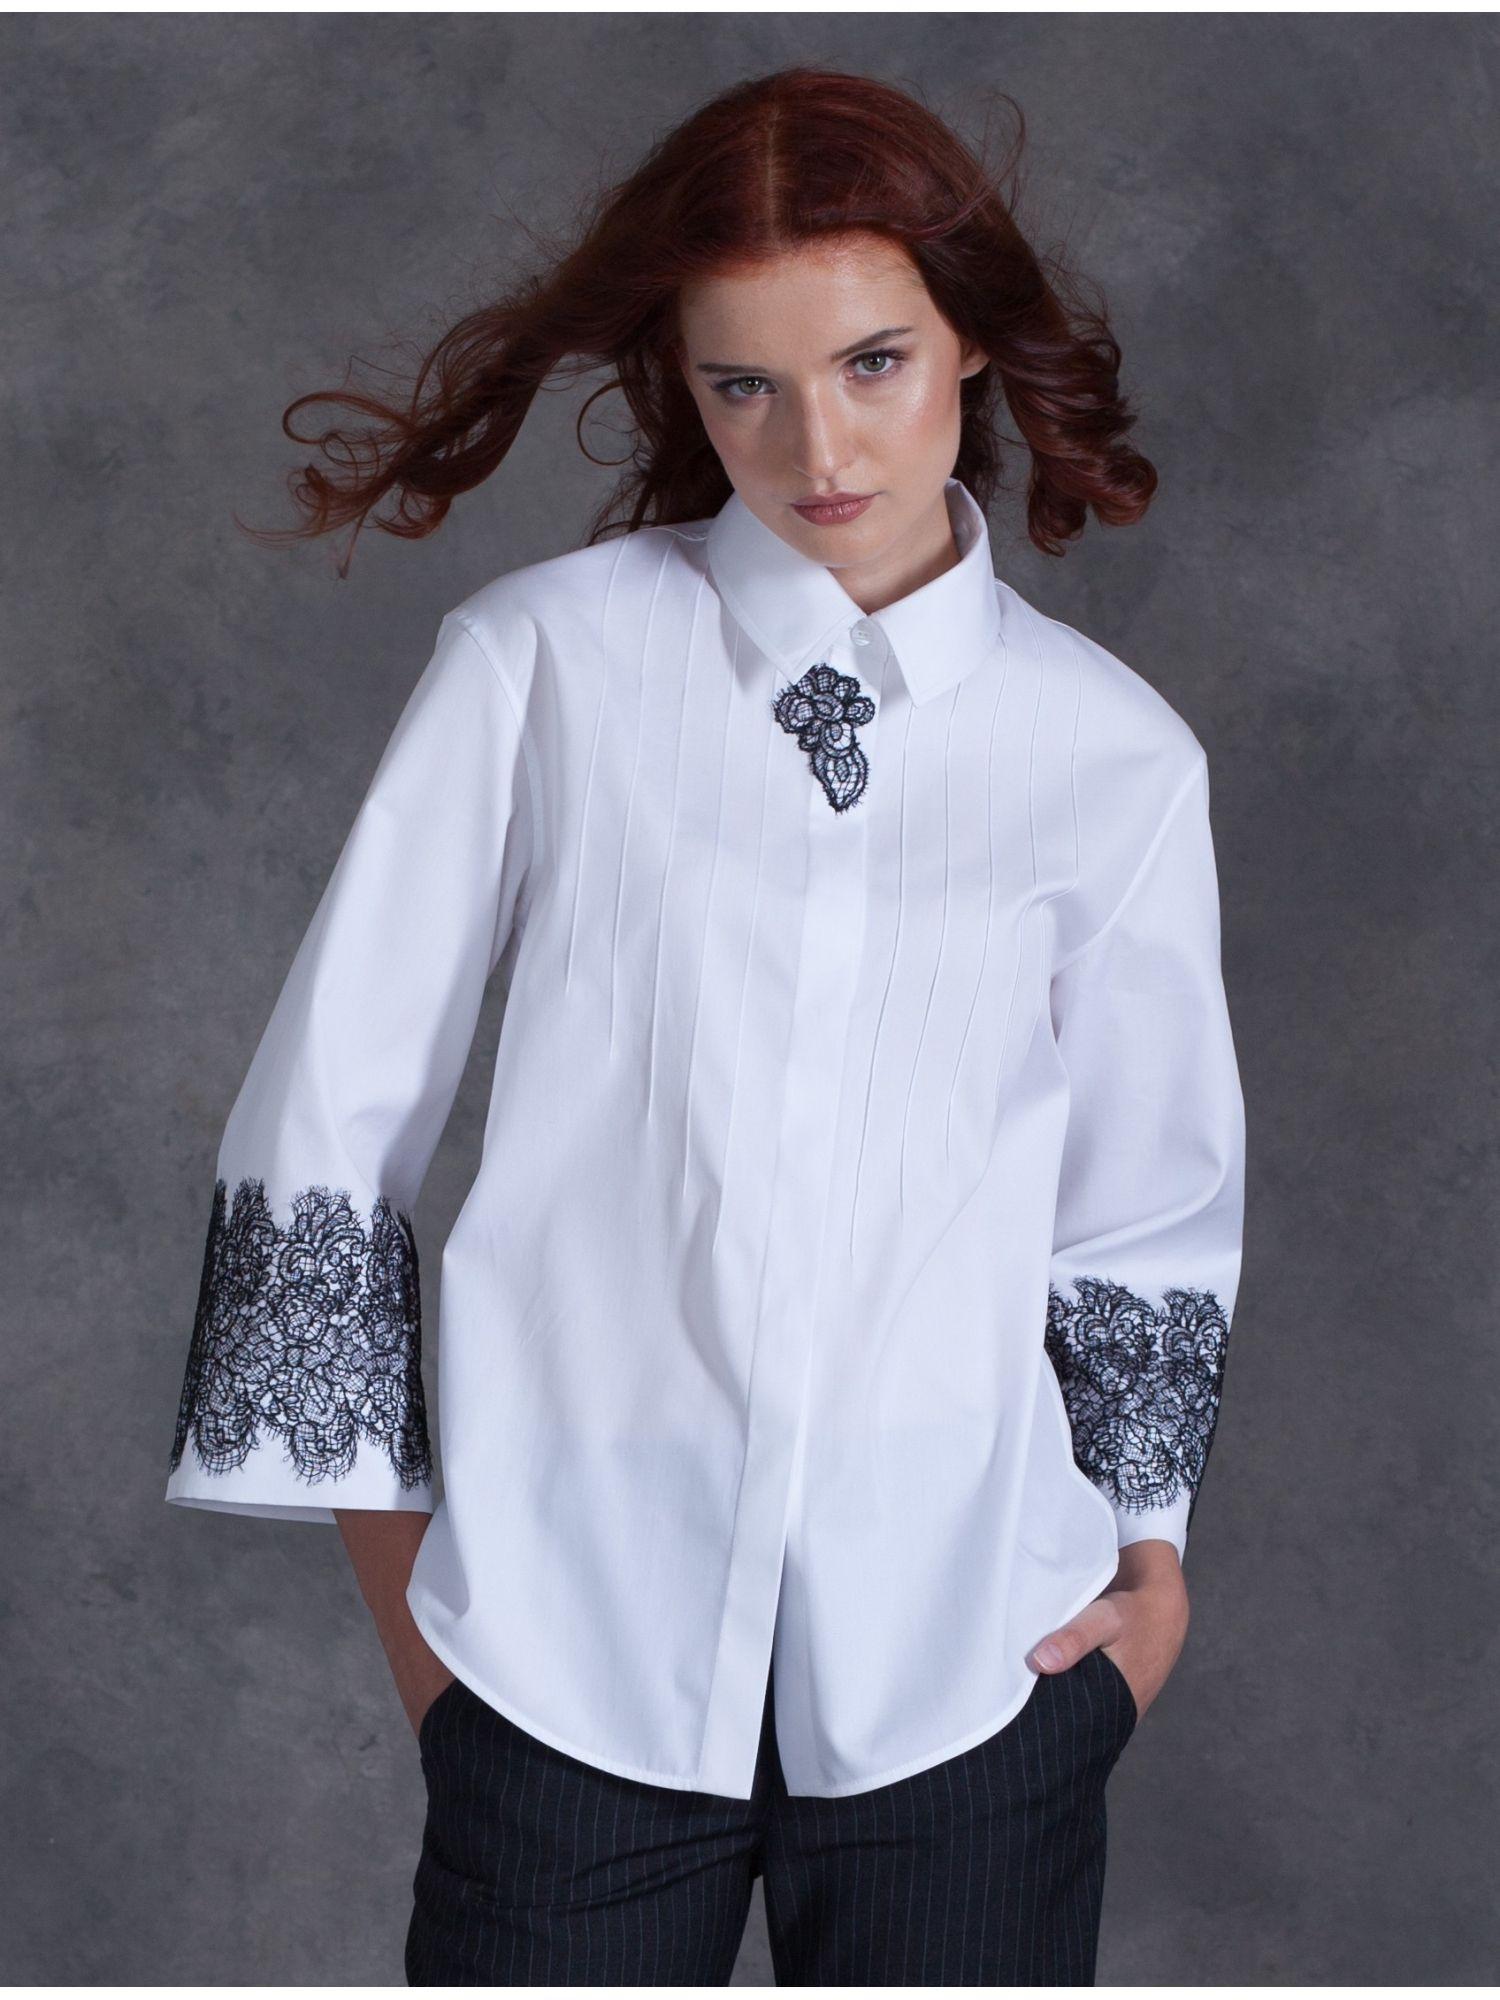 f7ebf34db75 стильная женская рубашка с кружевом